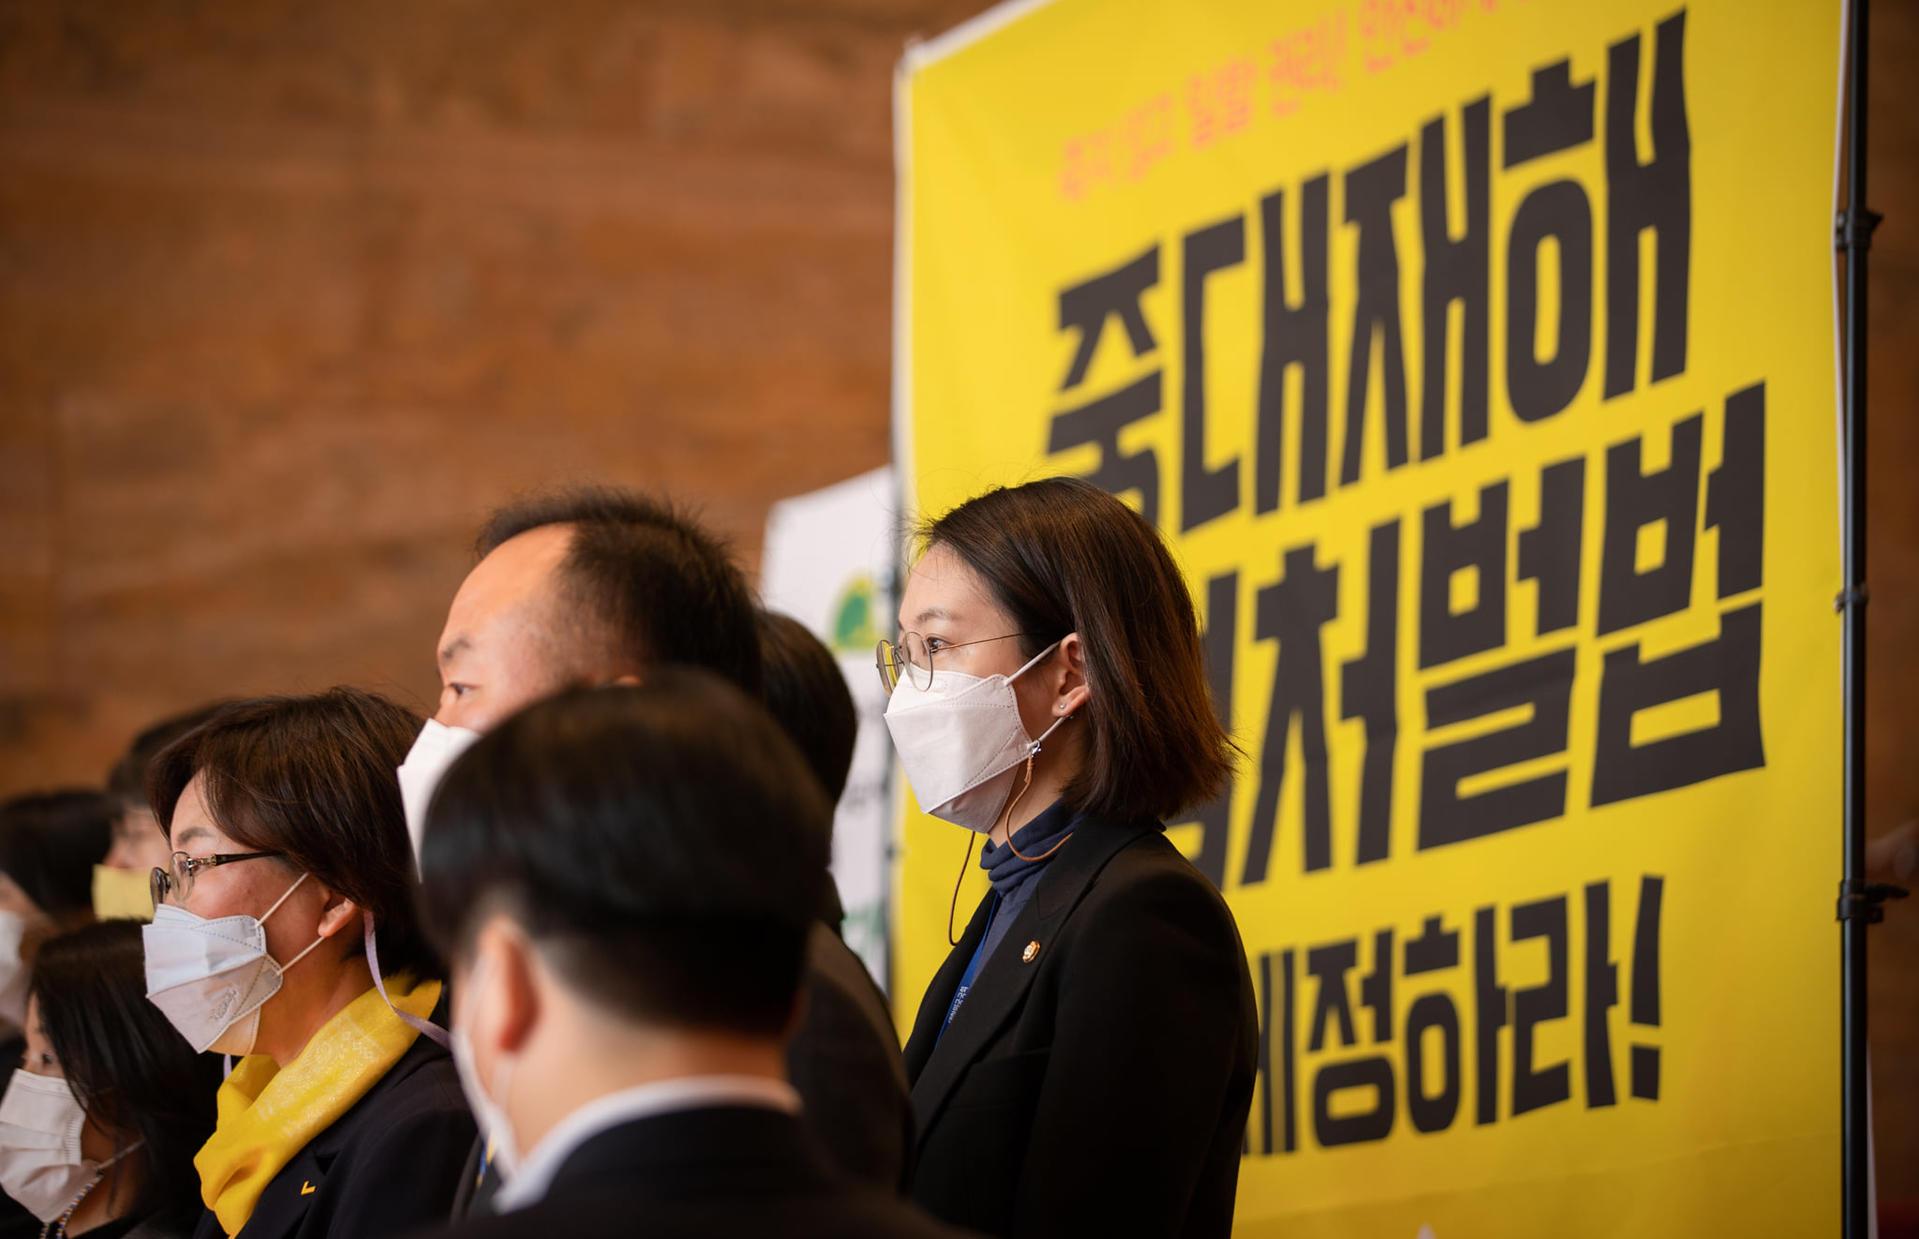 2020년 11월 3일 중대재해기업처벌법 제정 촉구 정의당 국회농성 1일차 장혜영 의원의 사진